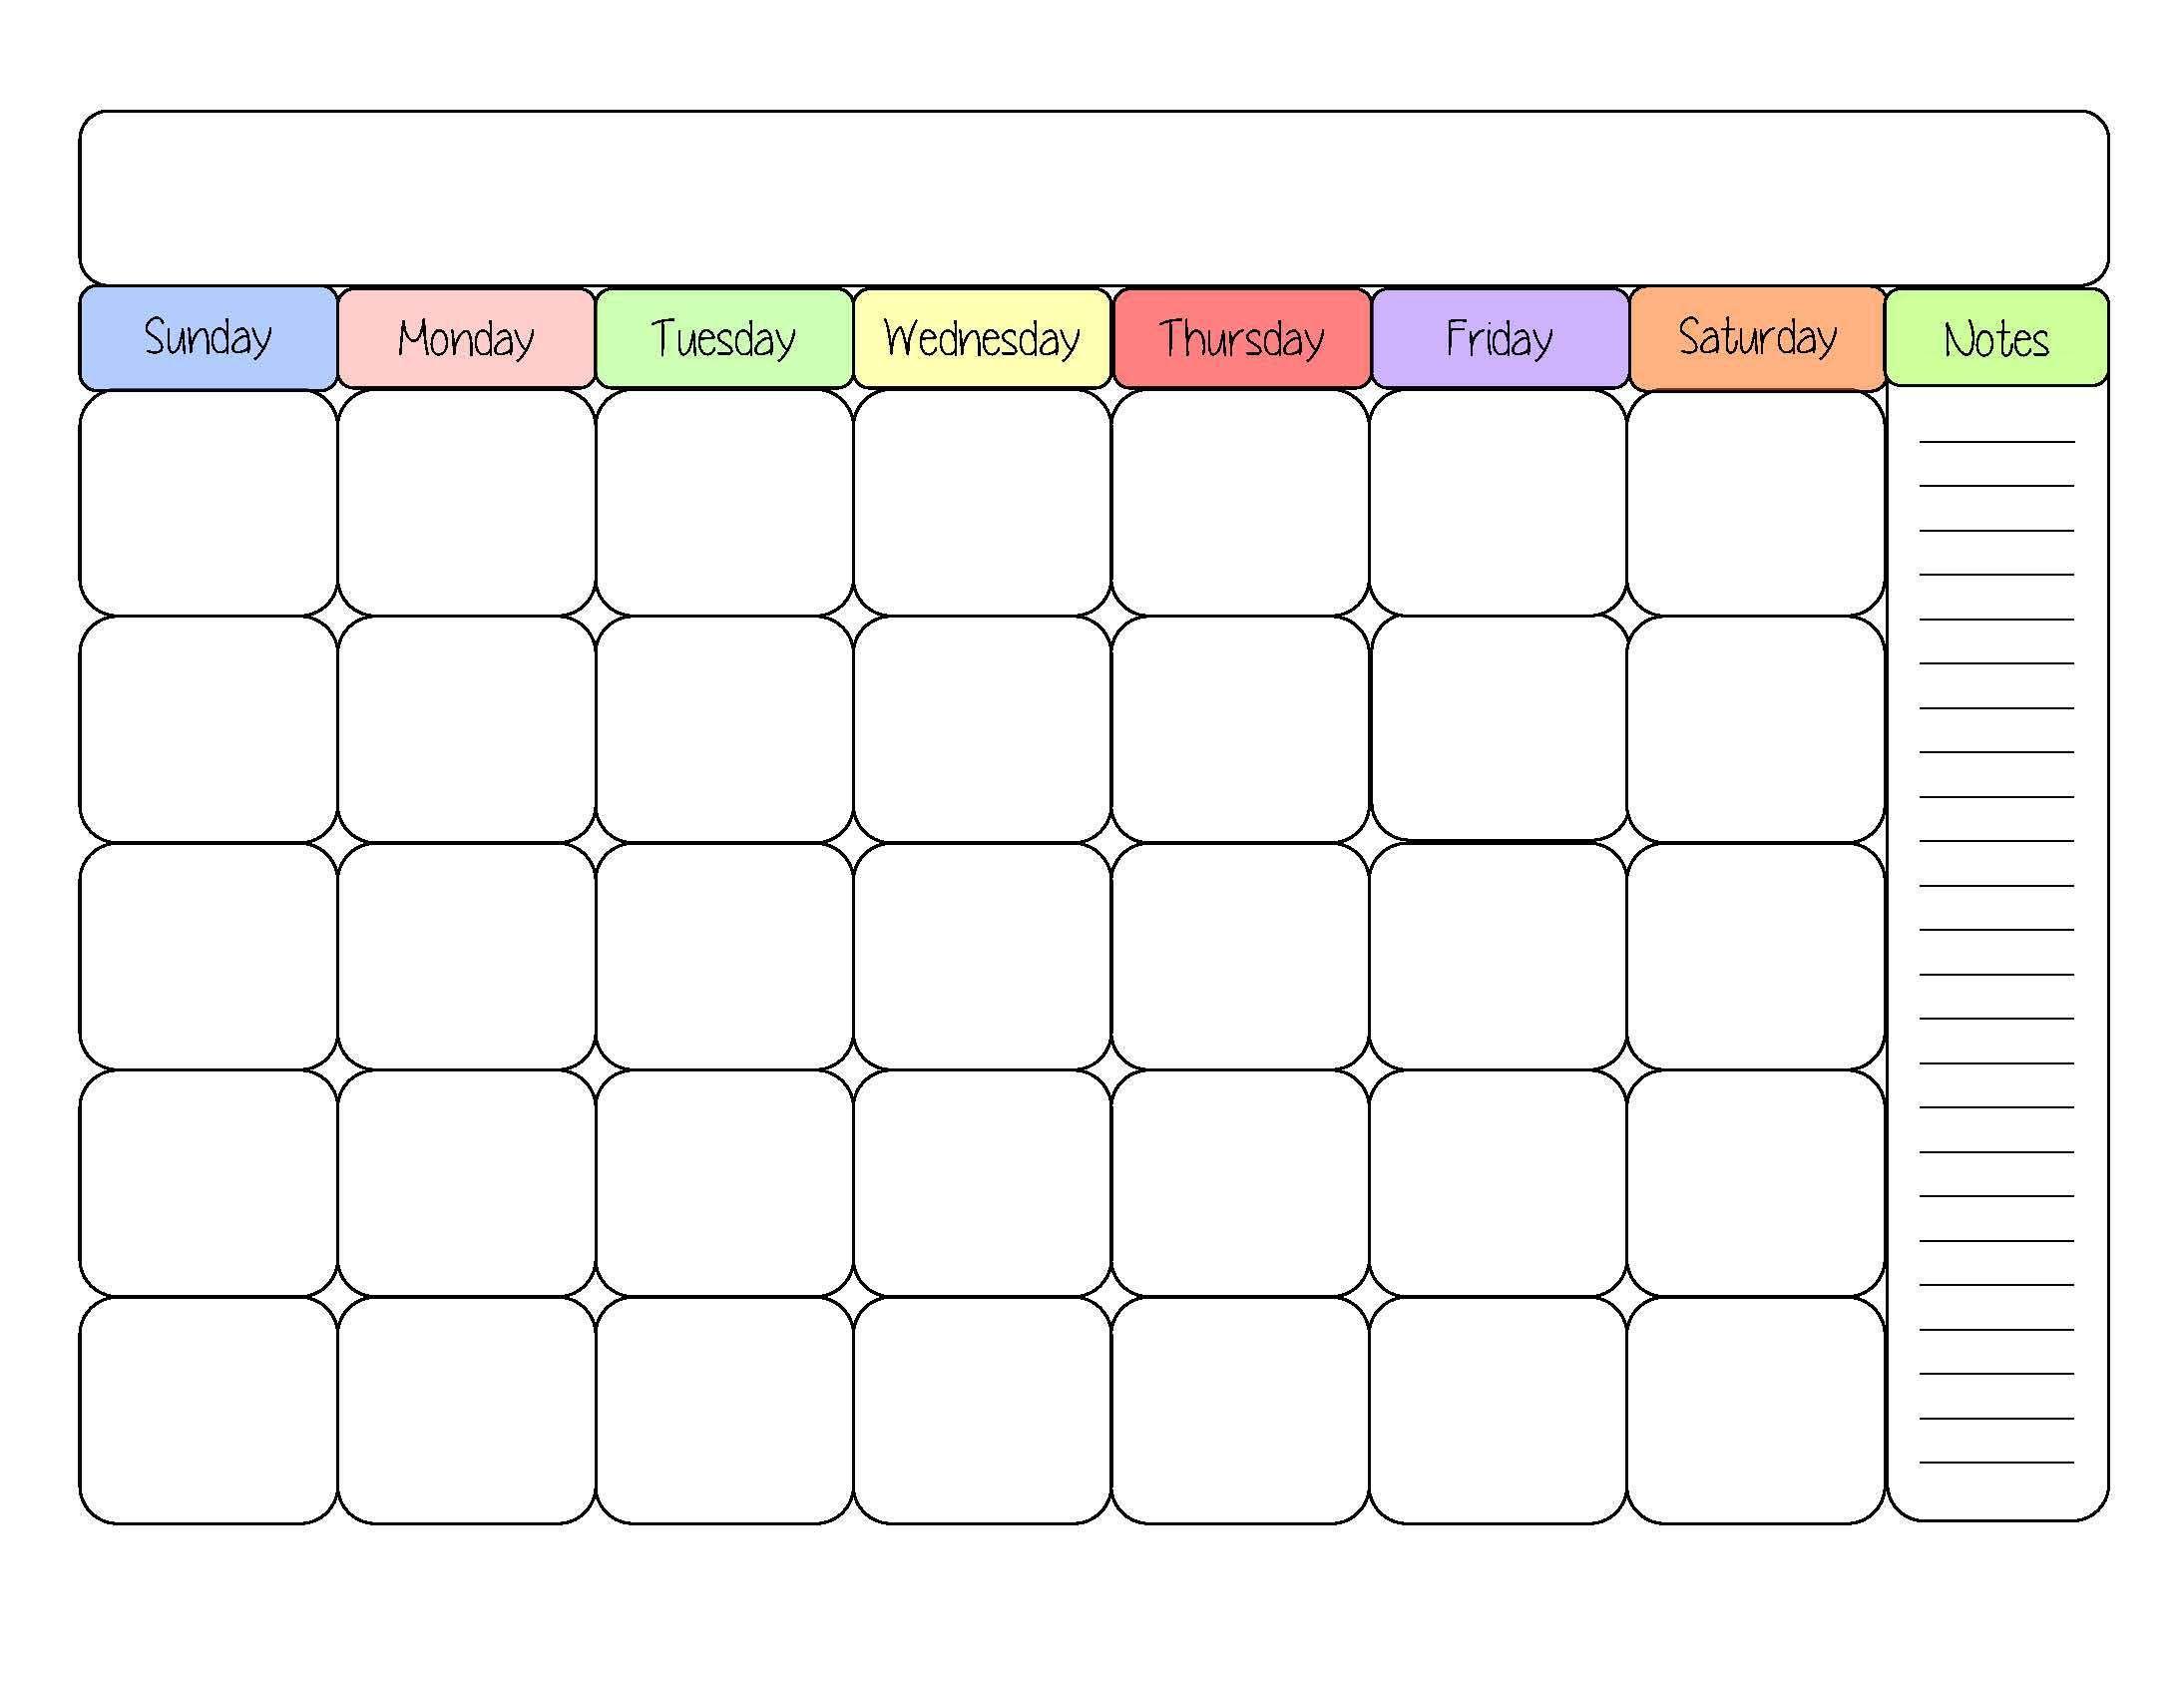 cute-blank-calendar-templates | Sight word | Pinterest